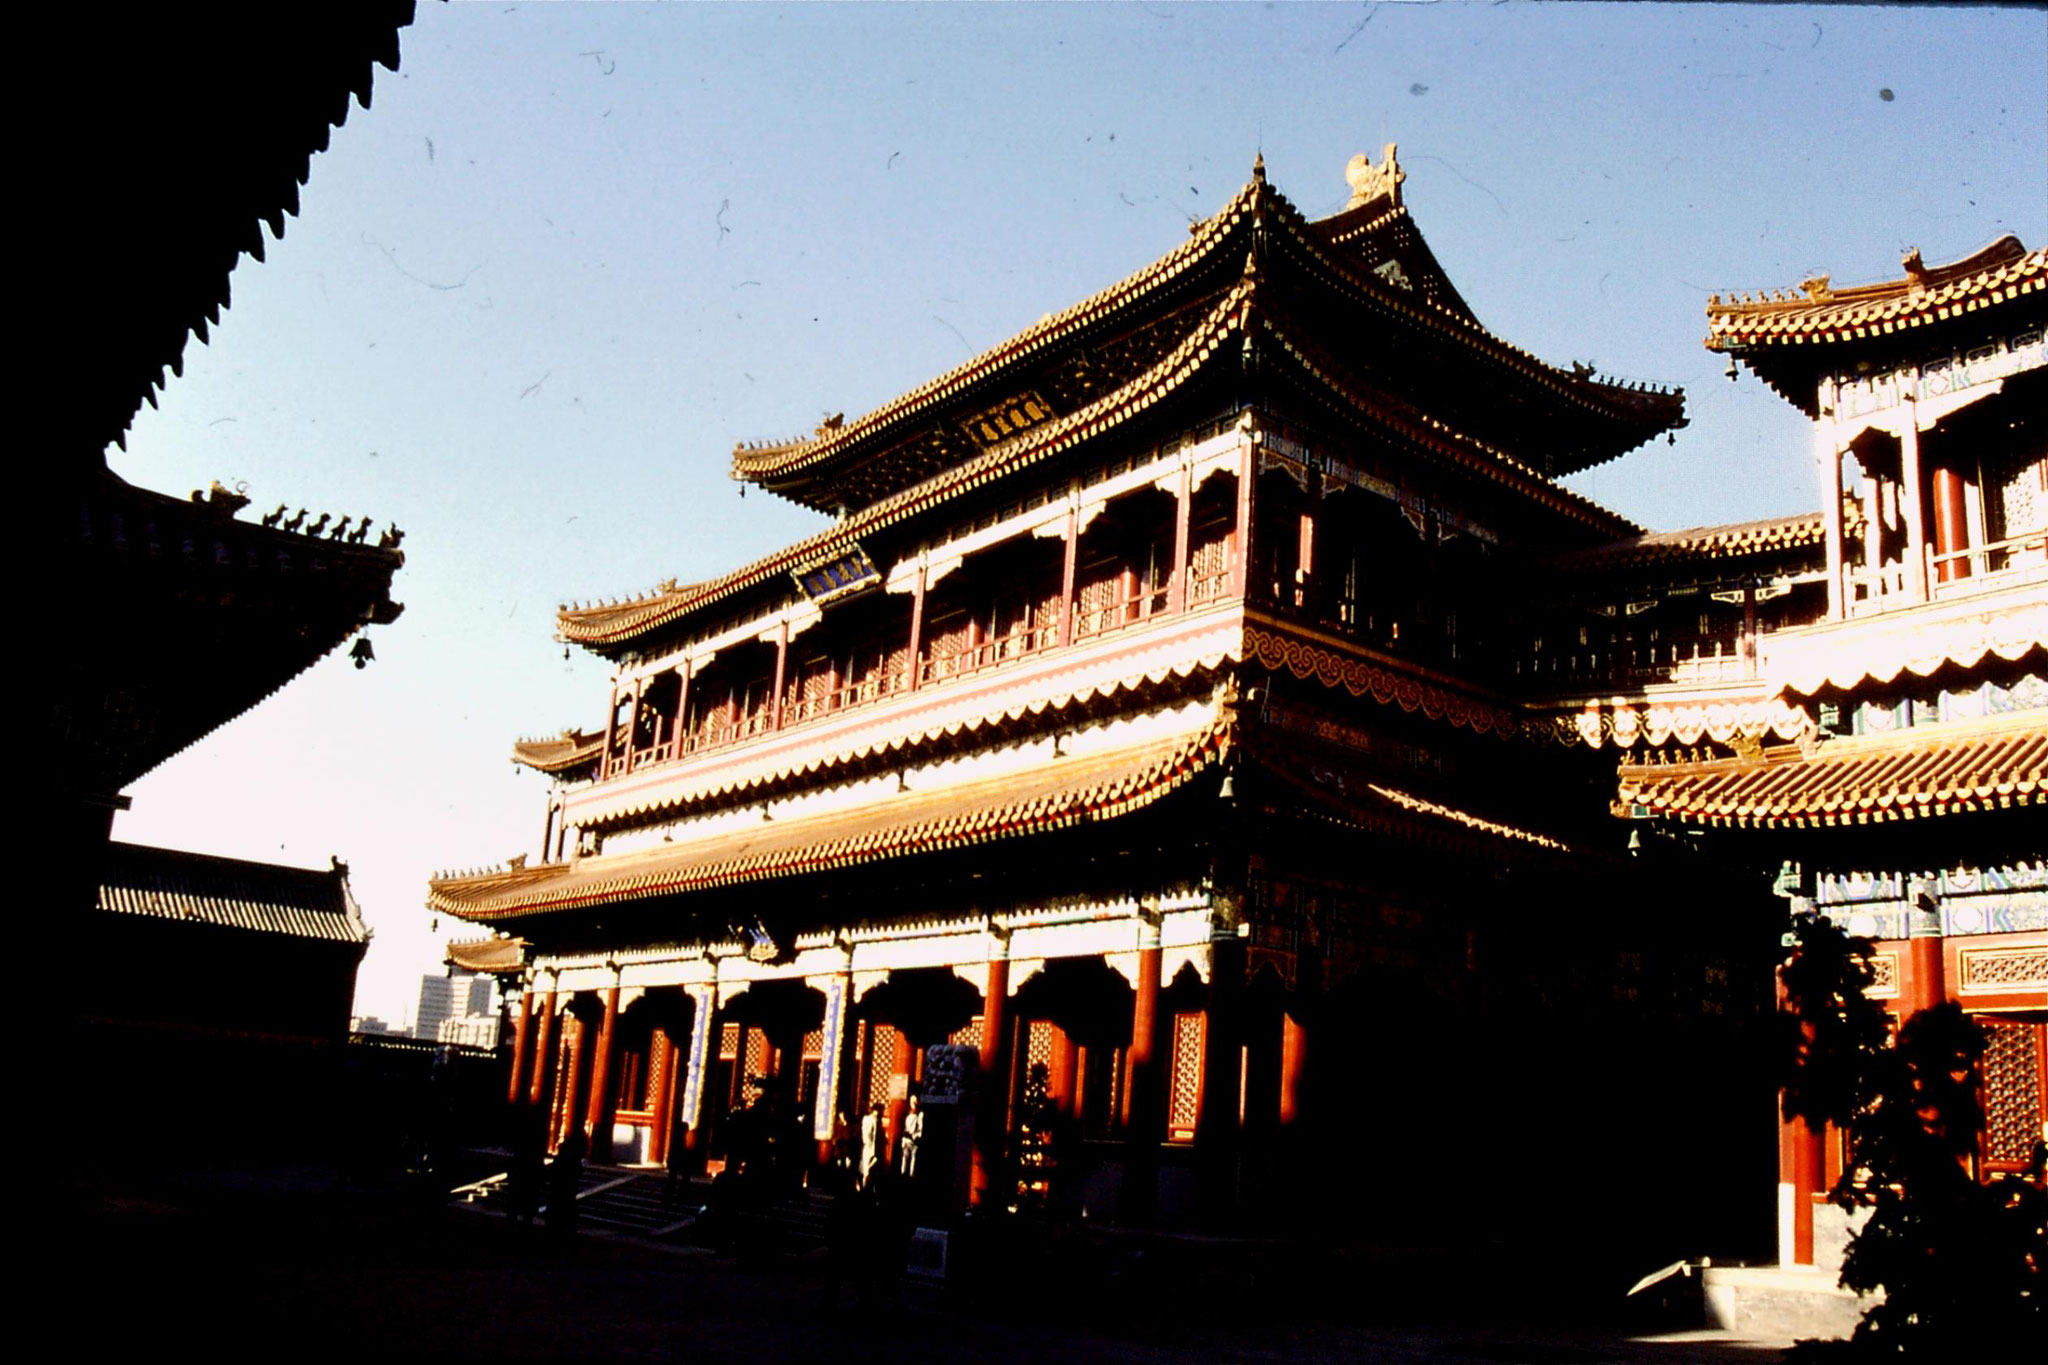 4/12/1988: 10: Beijing Yong He temple